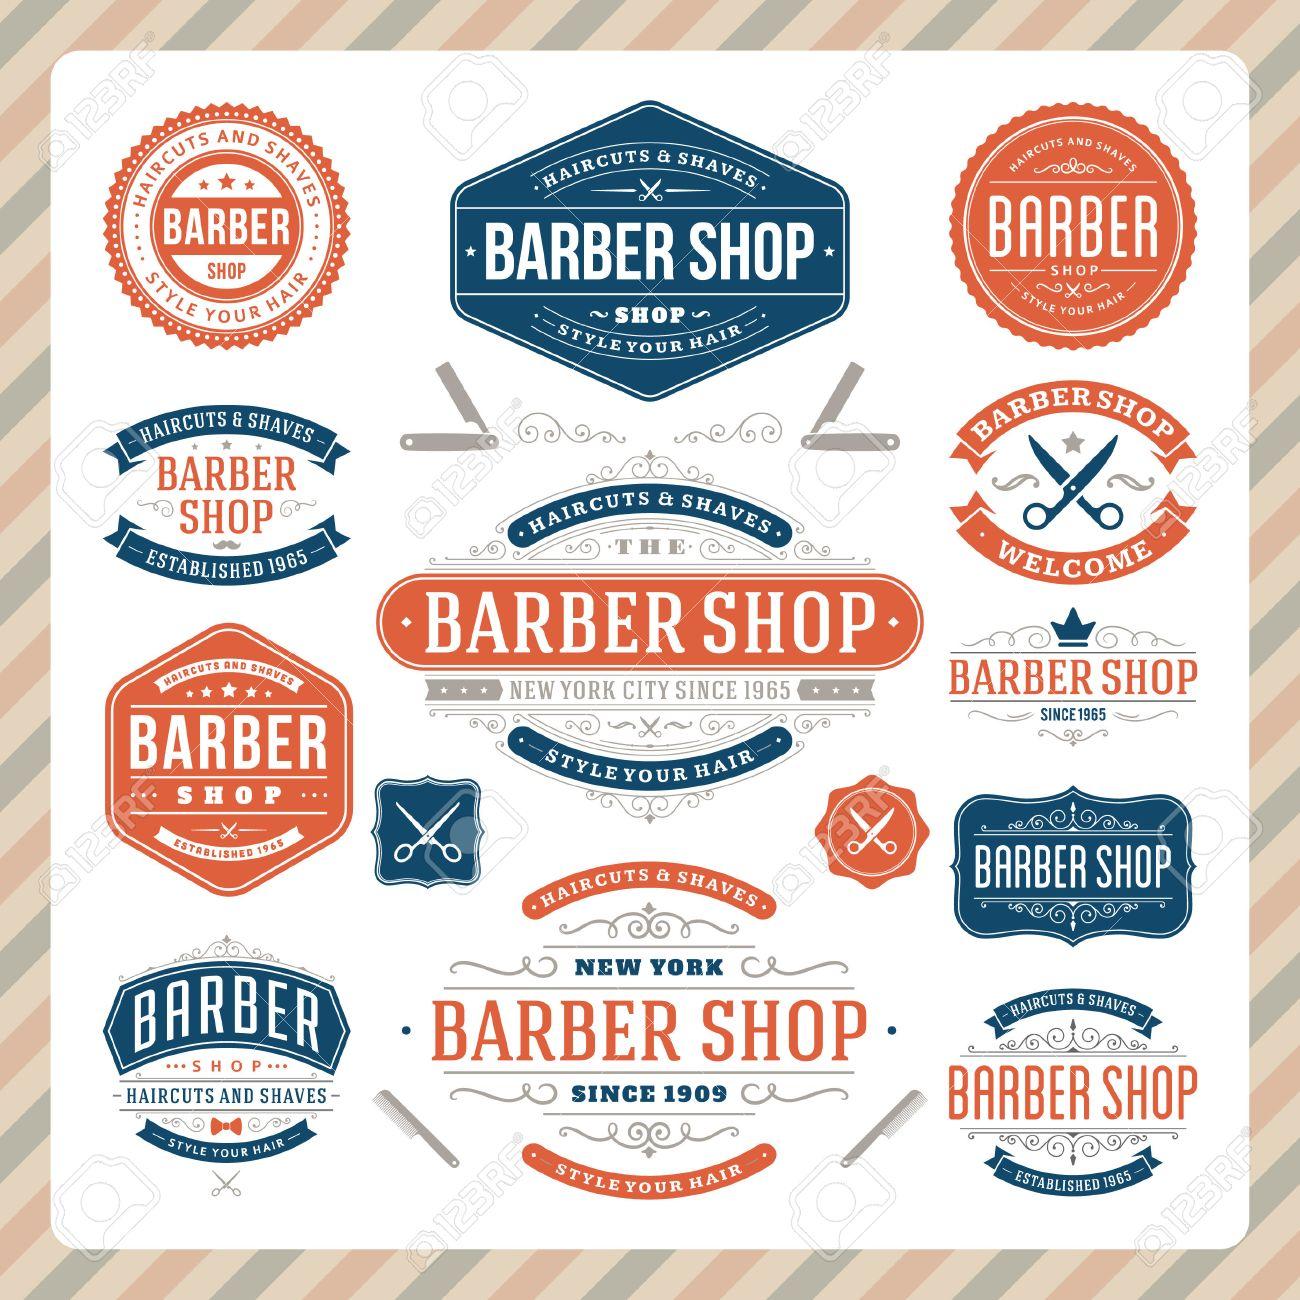 Antique barber shop signs - Barber Shop Sign Barber Shop Vintage Retro Flourish And Calligraphic Typographic Design Elements Illustration